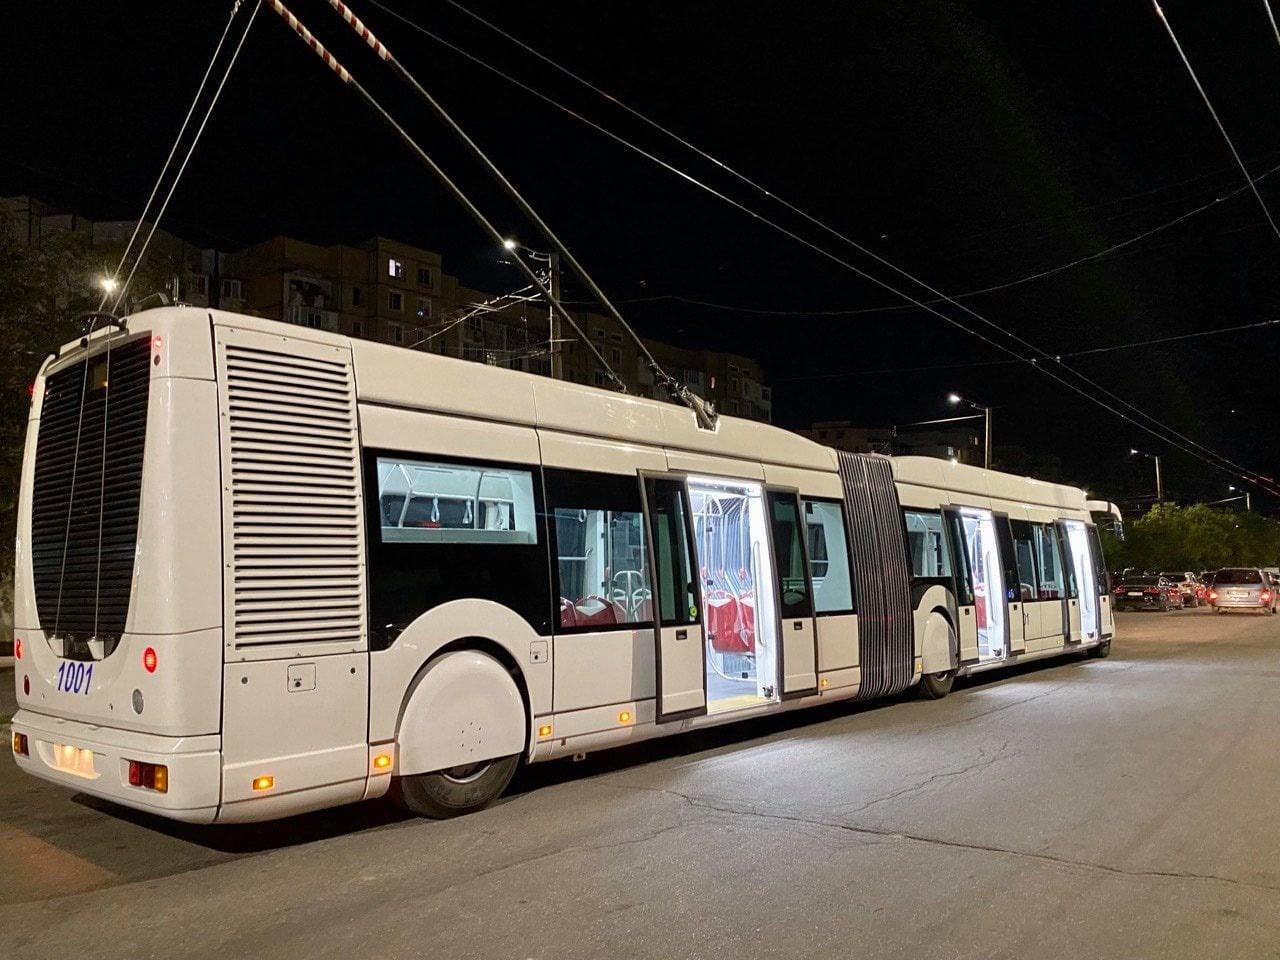 ВКишиневе начали тестировать один издвух итальянских троллейбусов (ФОТО)